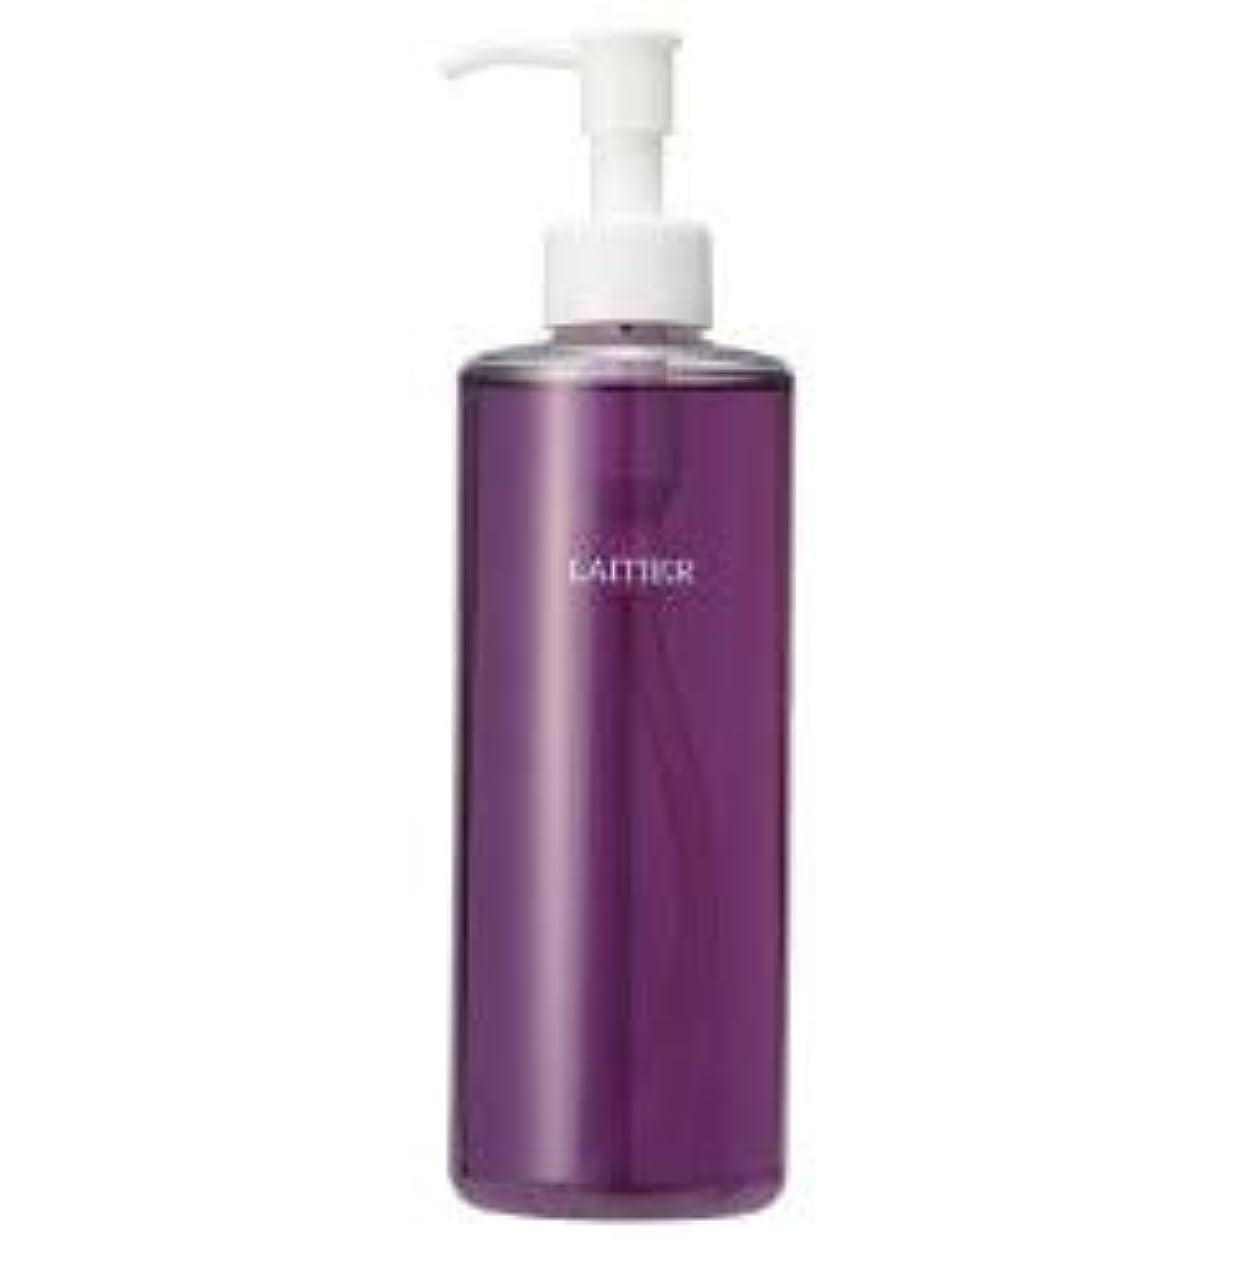 起きて用心するバイパスシコンエキスが乾燥や乾燥による肌をすこやかな状態へとみちびく LAITIER レチエ スキンローションS 300ml 化粧品 メイク 化粧水 肌 綺麗